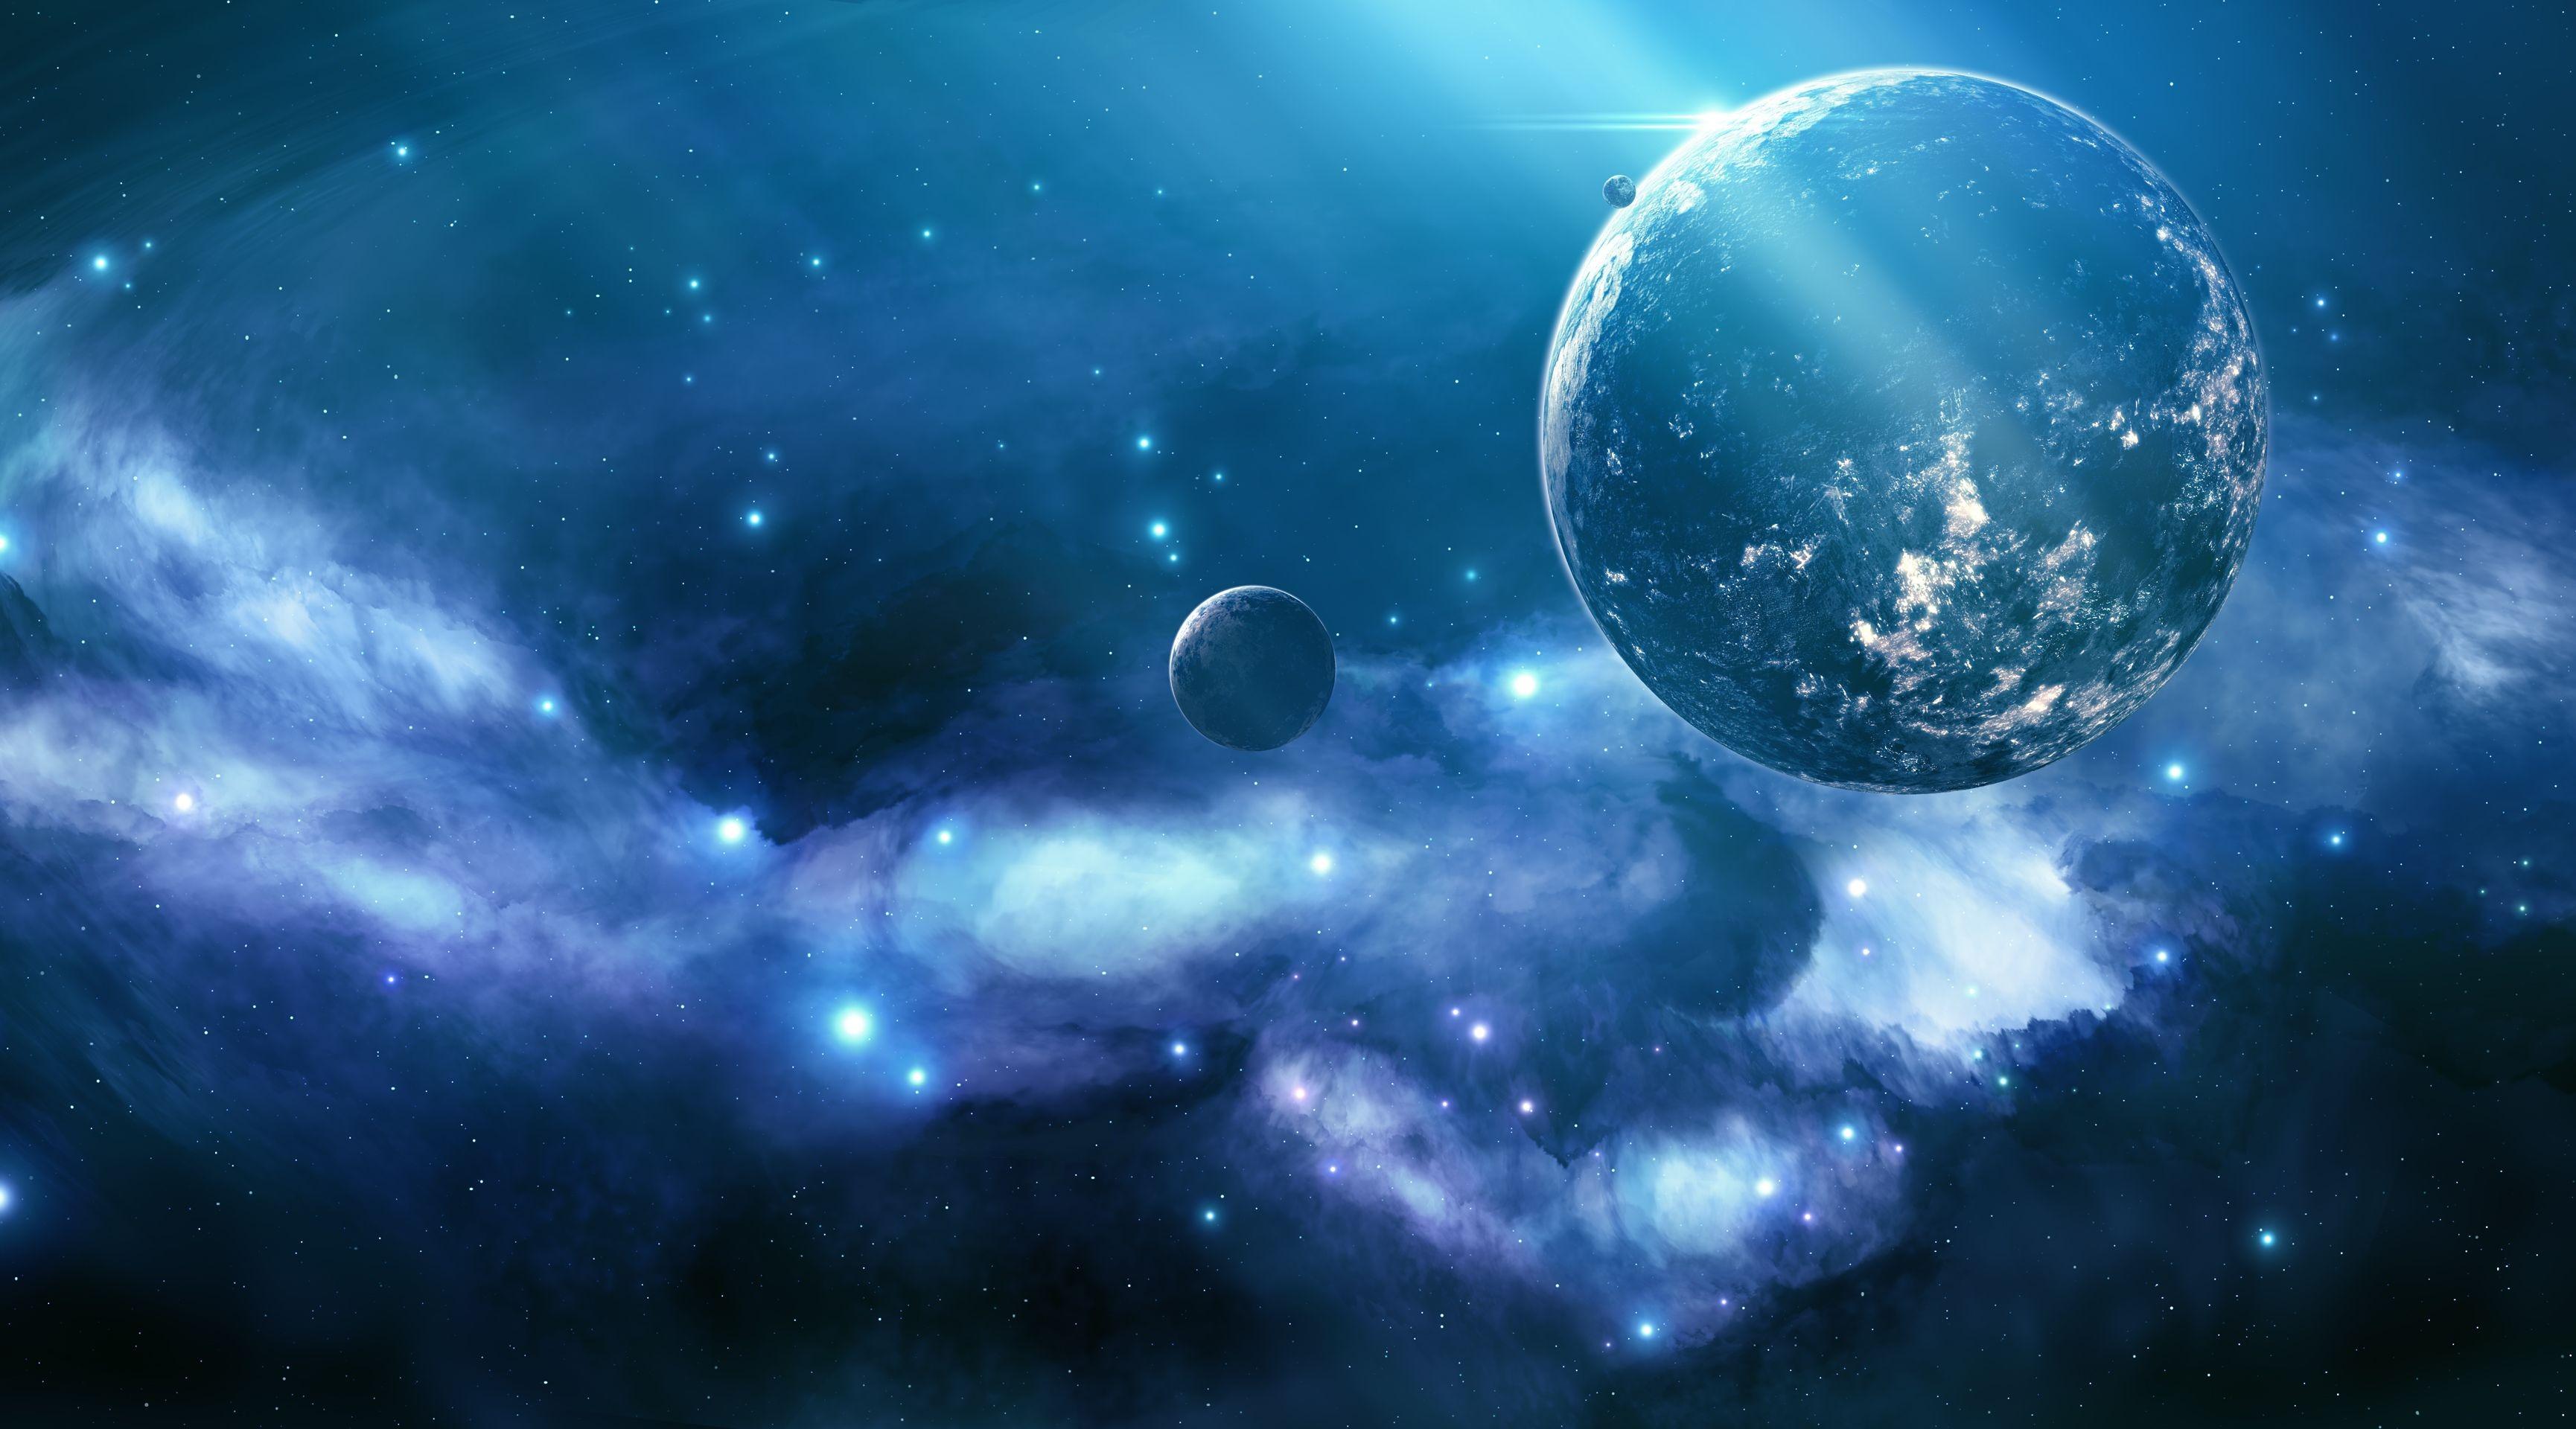 Обои галактика космос свет картинки на рабочий стол на тему Космос - скачать  № 1758609 бесплатно